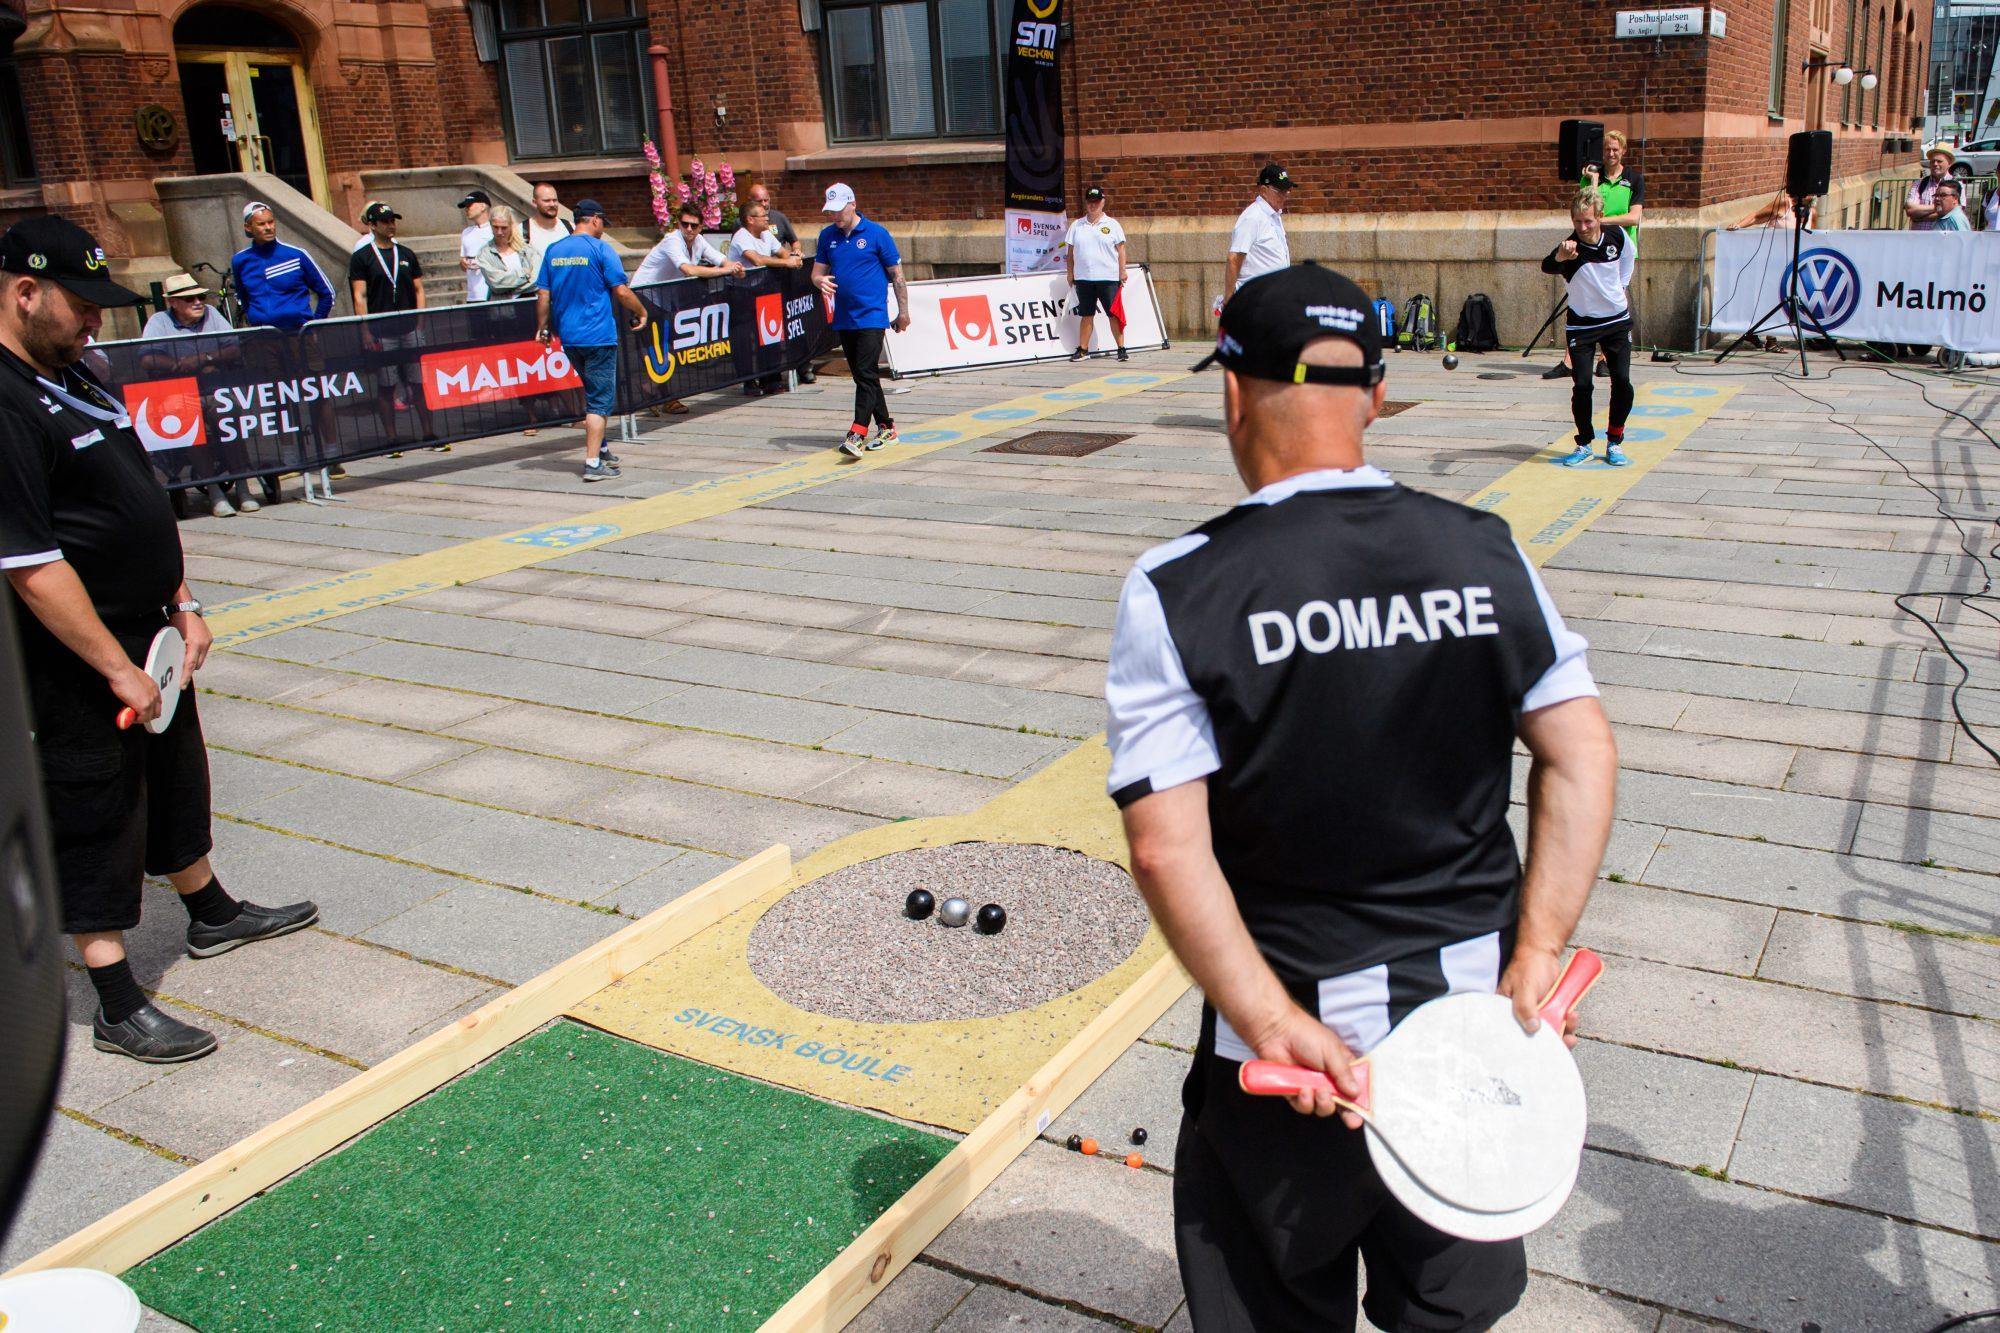 Domare övervakar spelet när det är öppen klass i Boule precisionsskytte under dag 2 av SM-veckan den 27 juni 2019 i Malmö.